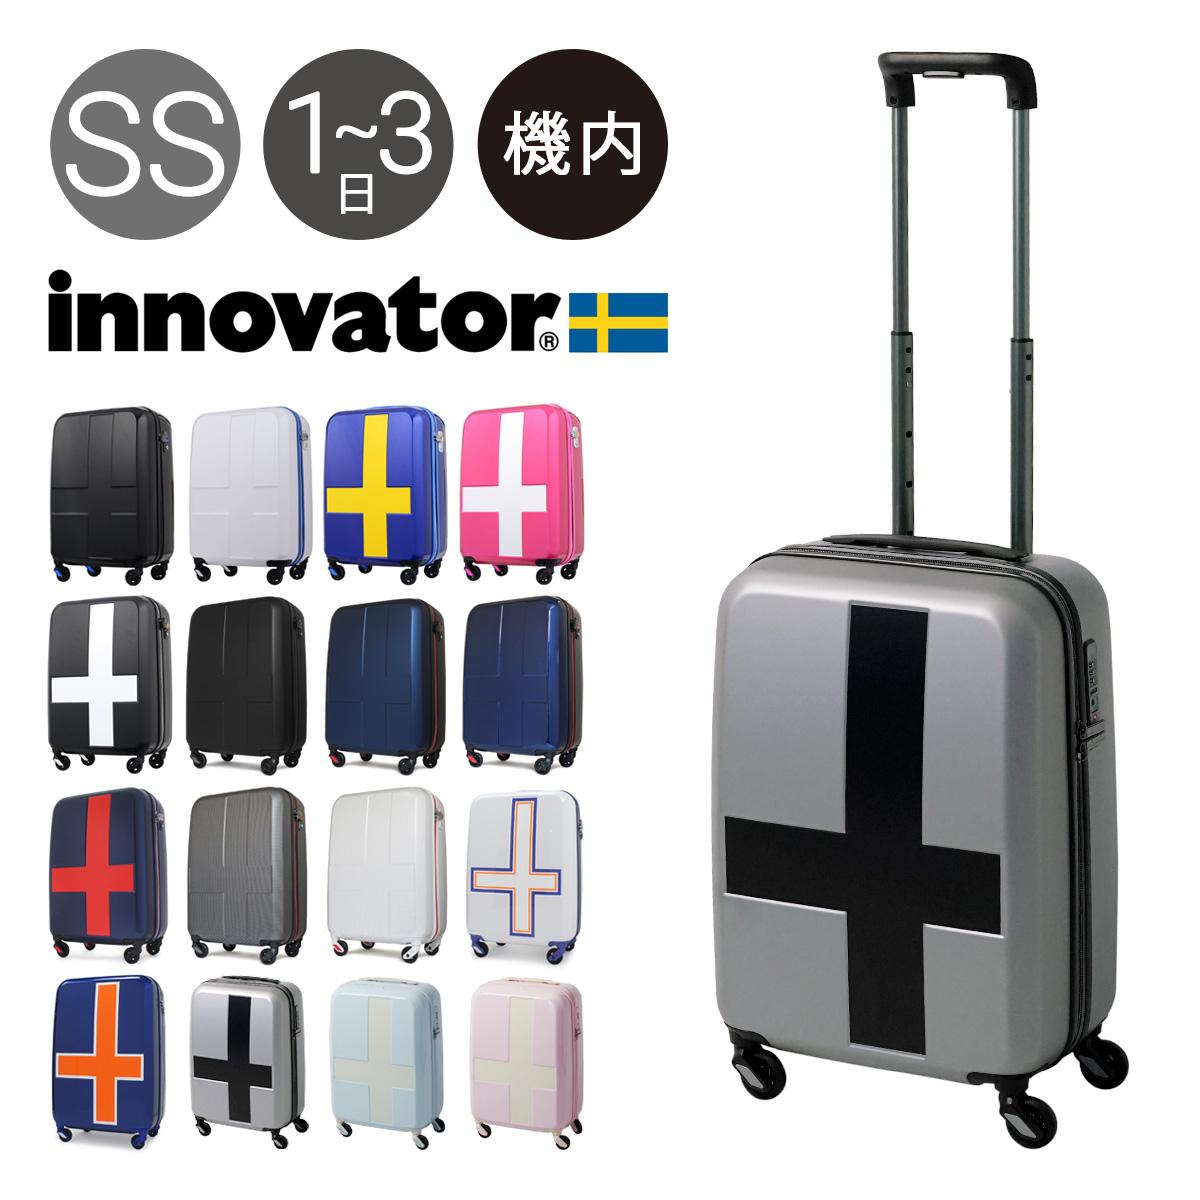 イノベーター スーツケース 38L 48cm 2.7kg ハード ジッパー 機内持ち込み INV48/48T キャリーケース TSAロック搭載 innovator 【 2年保証 】 【PO10】【bef】